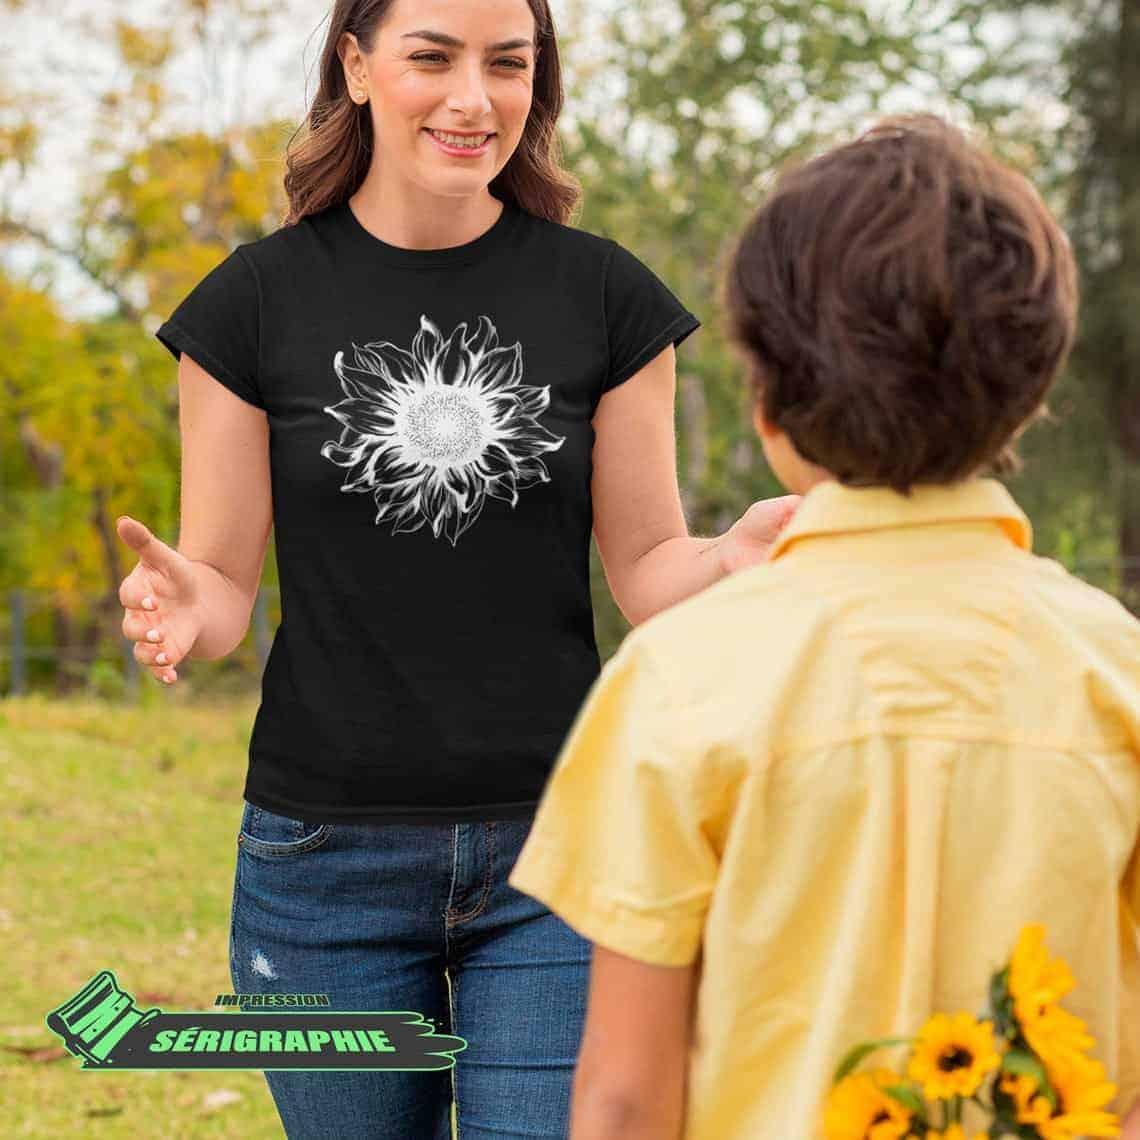 Tournelsol - t-shirt pour femme